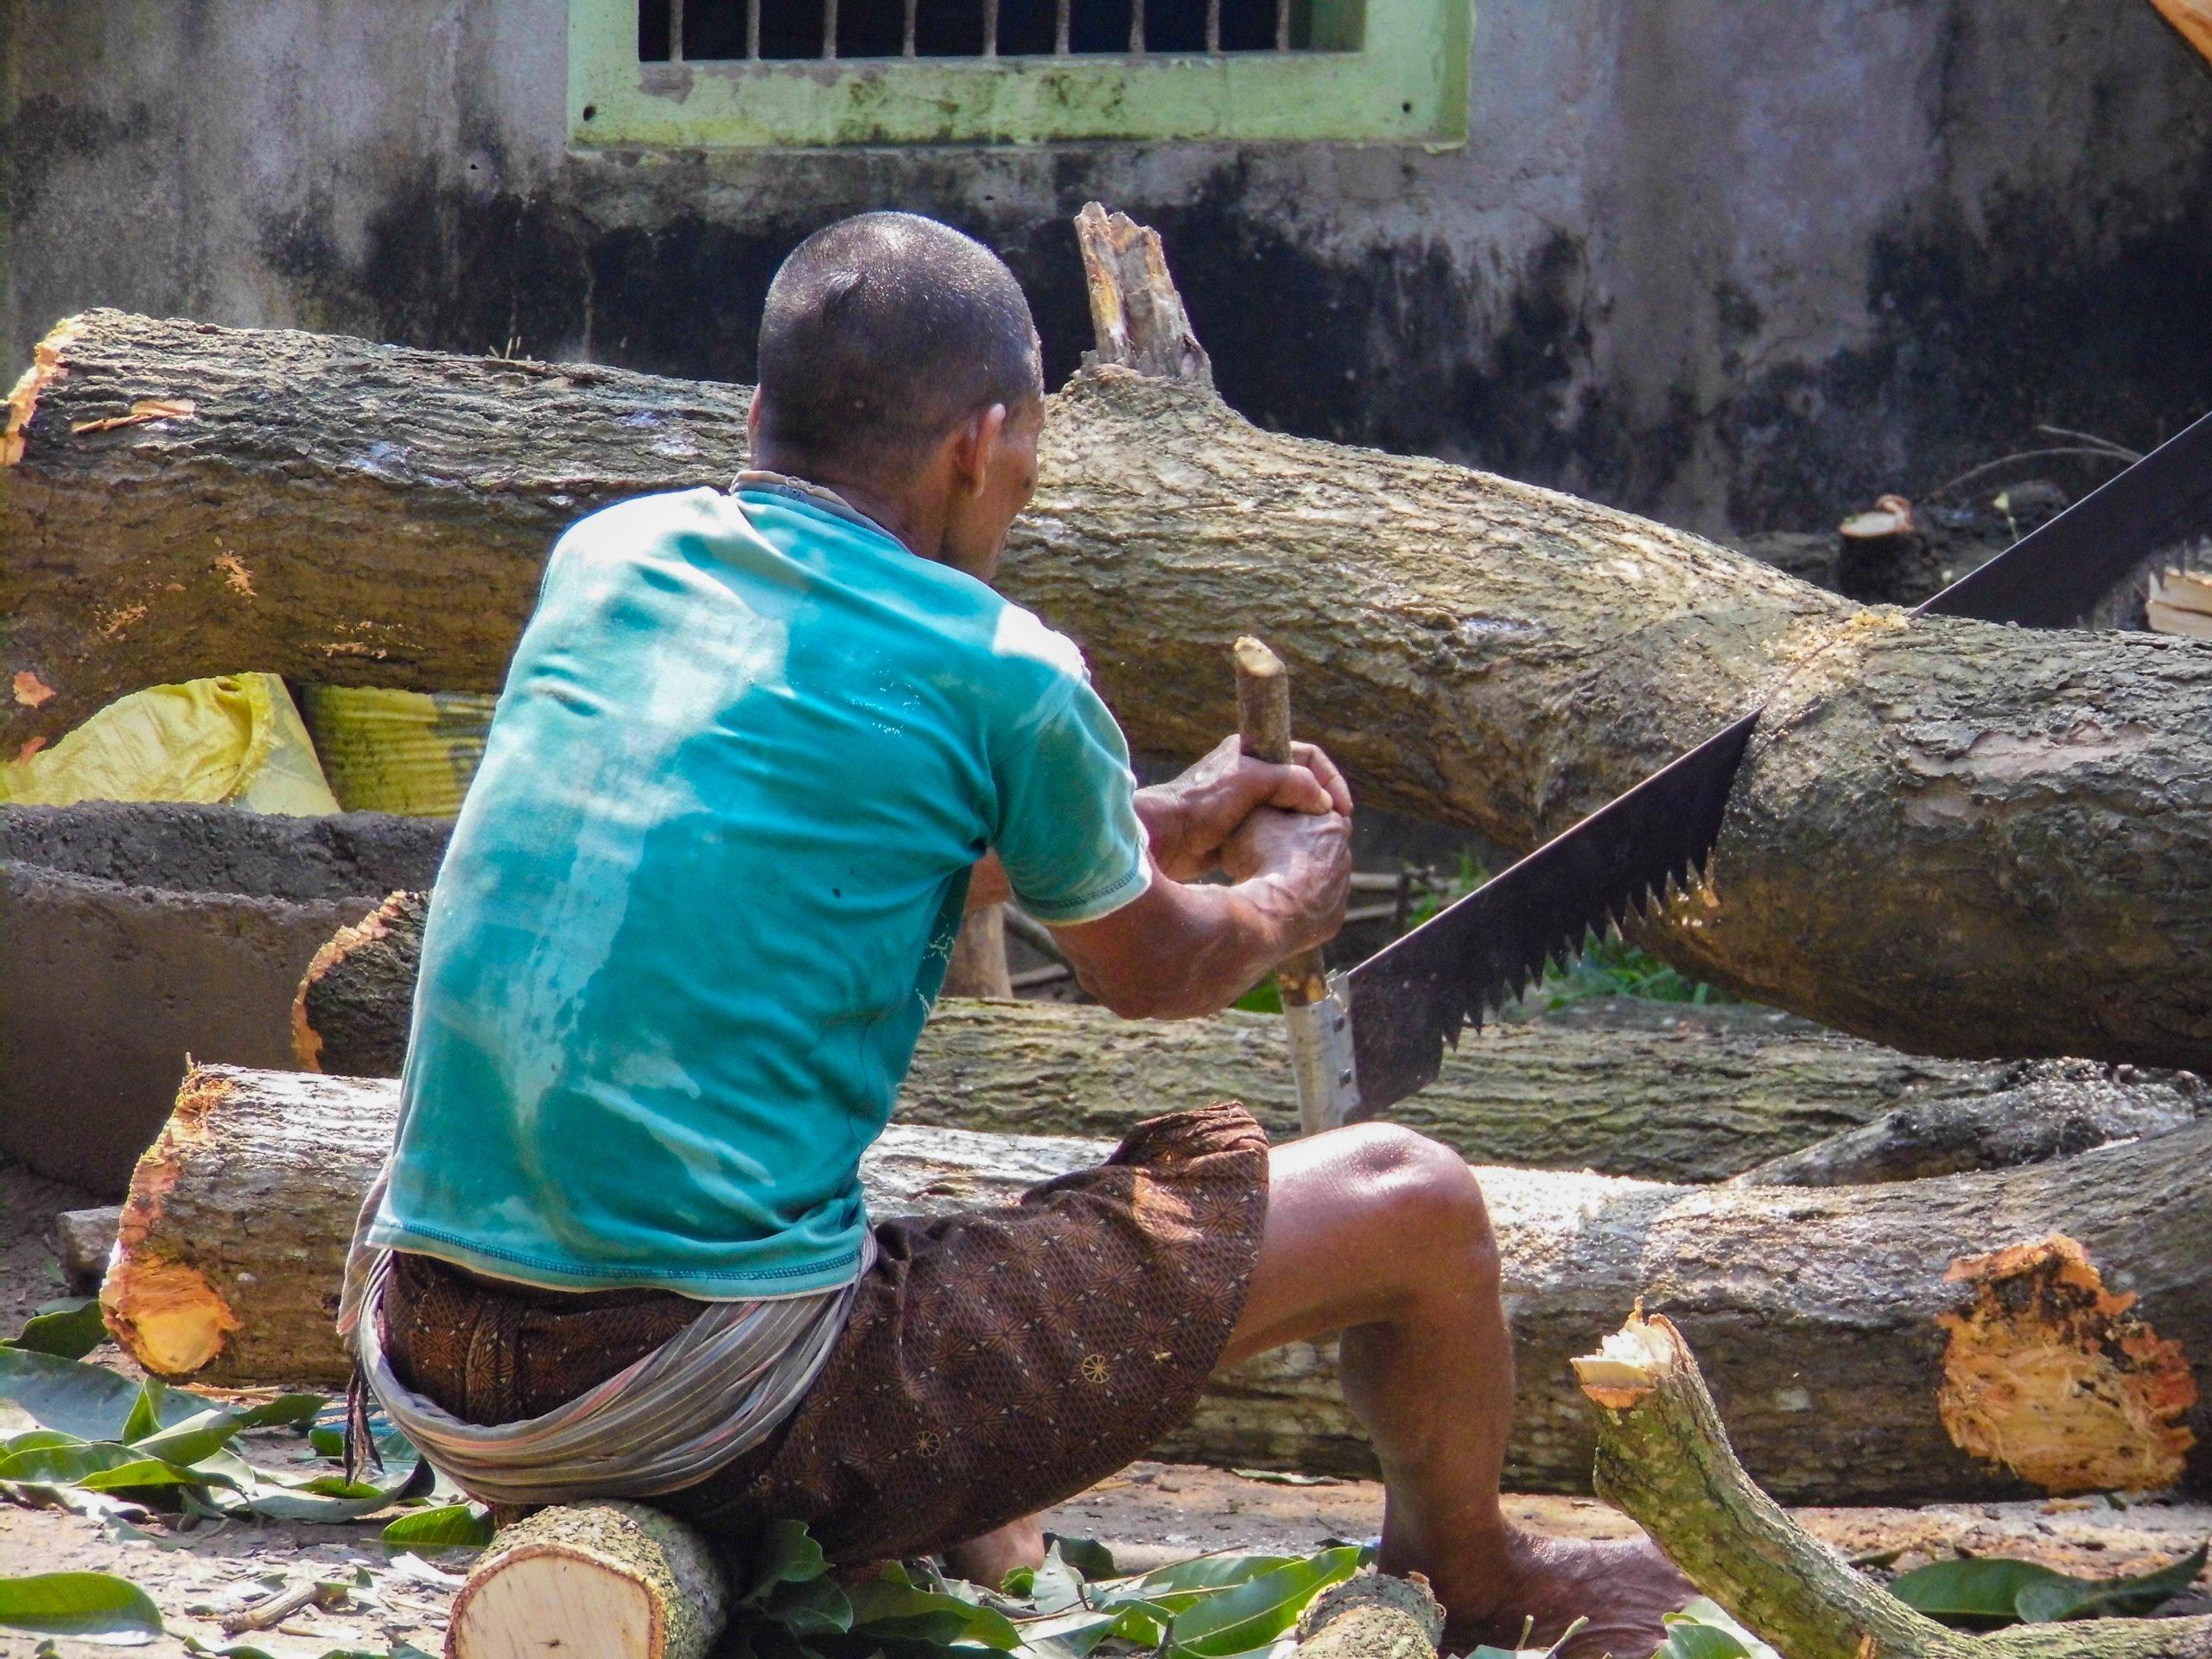 A man cutting wood